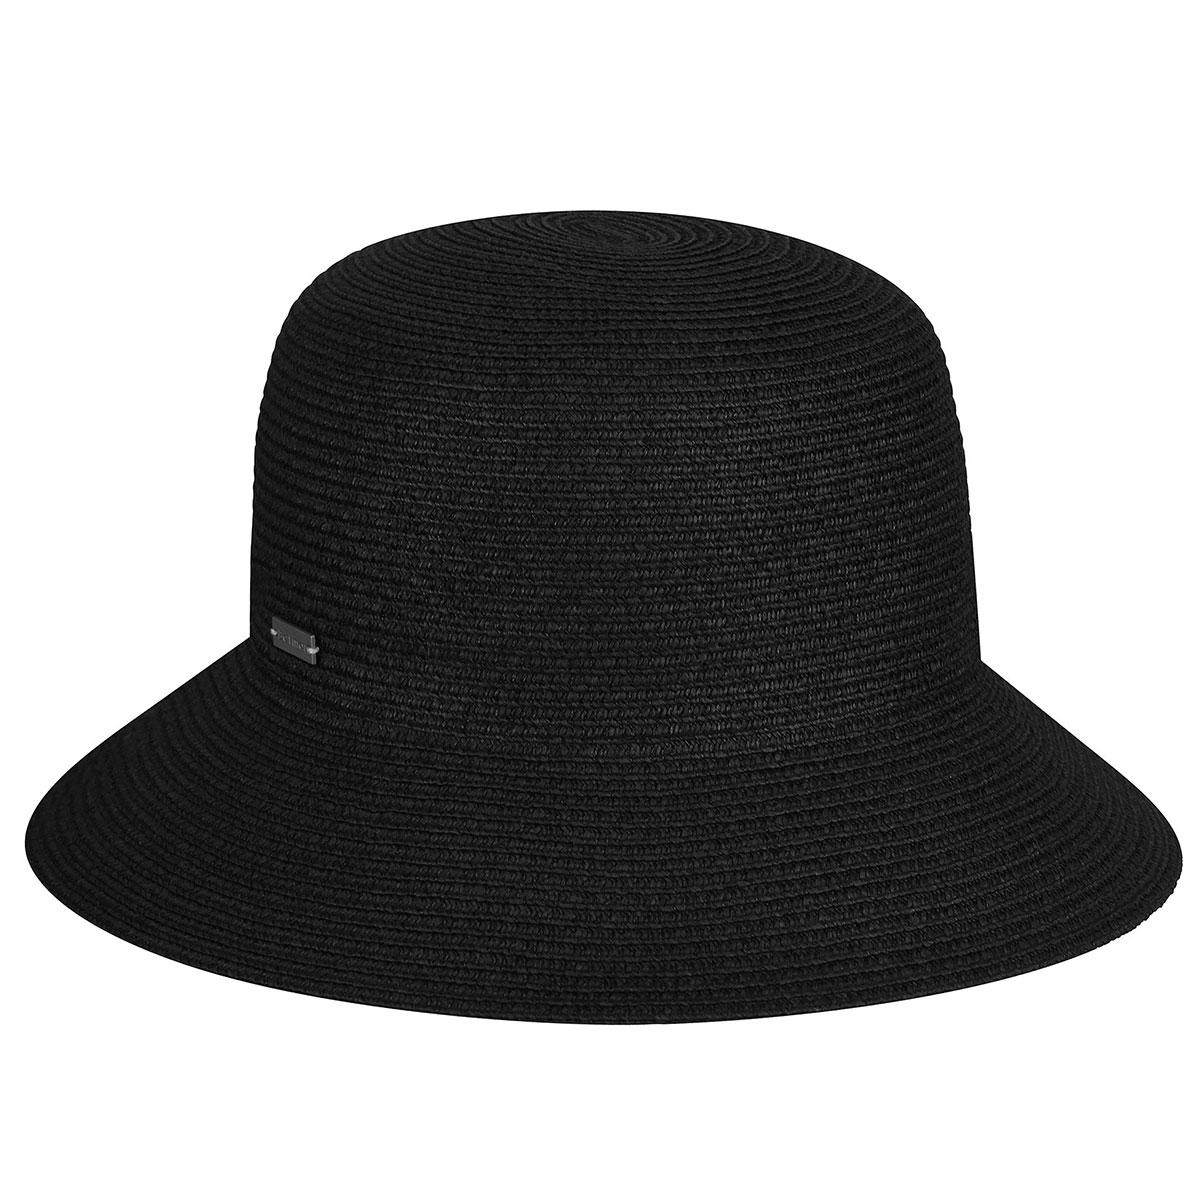 Betmar Gossamer Mini in Black